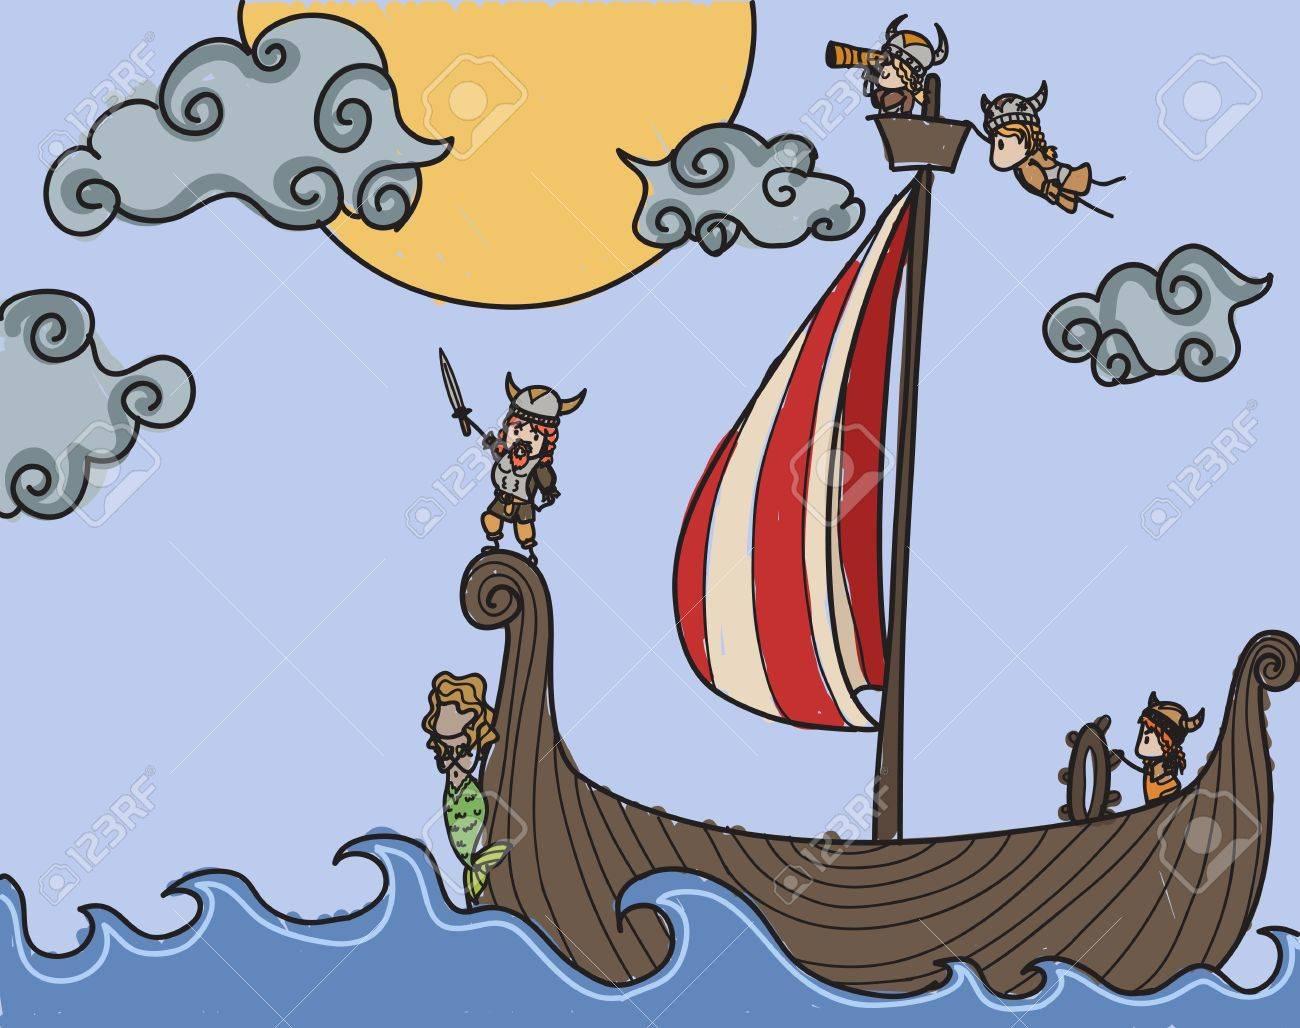 Vikings on a boat at sea Stock Vector - 19156797